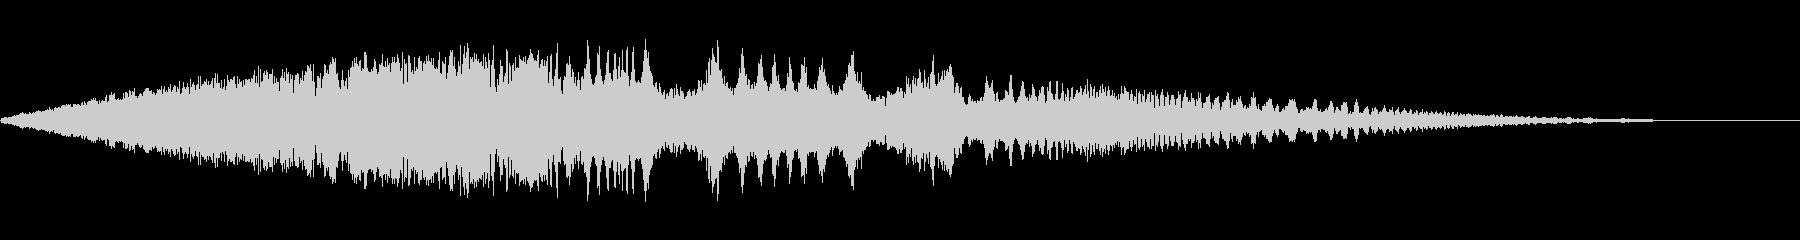 ワープ時のサウンド(ループ用)の未再生の波形